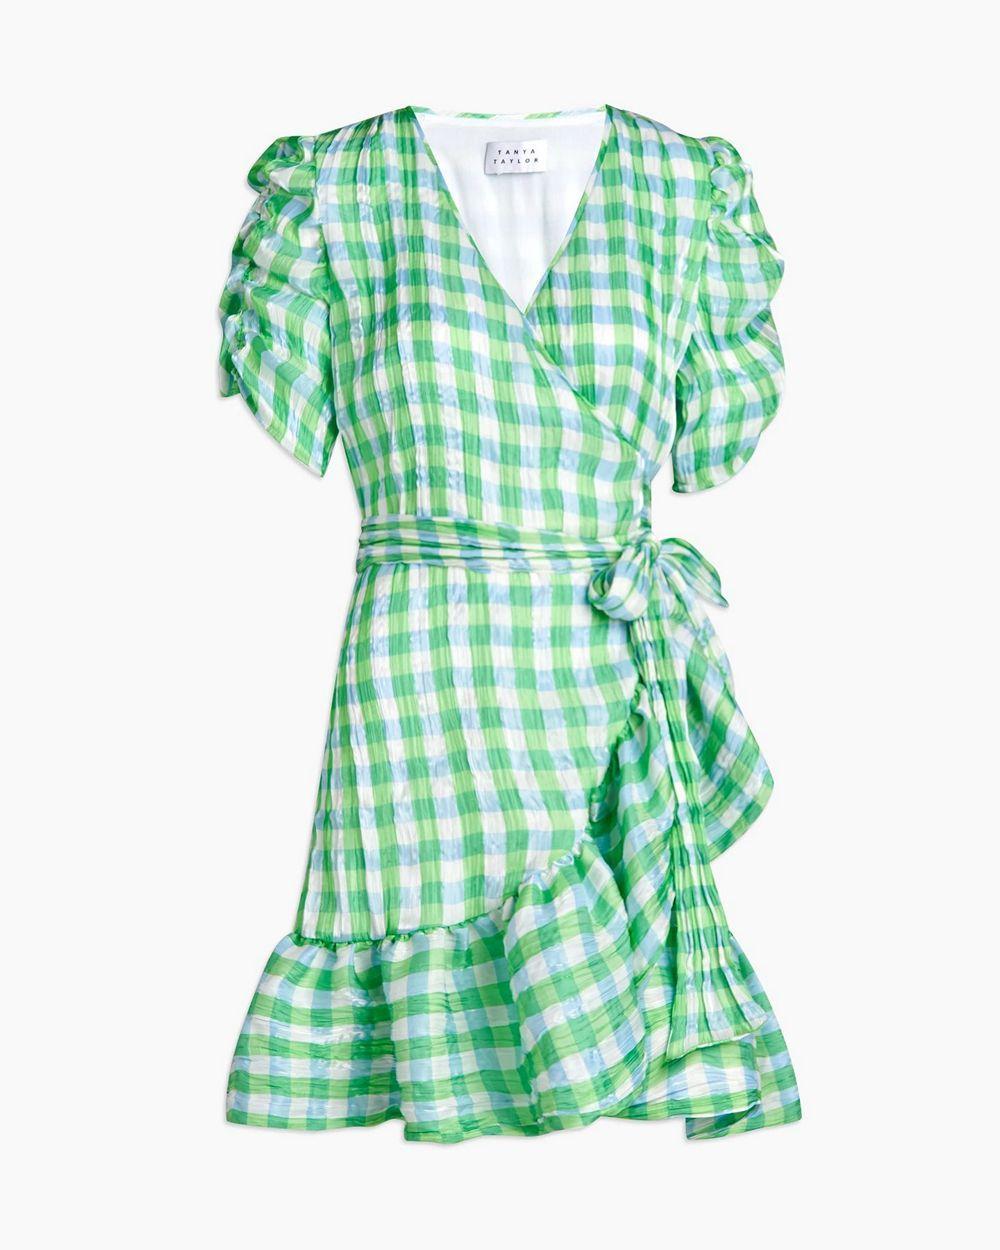 Natasha Dress Item # S21D194225